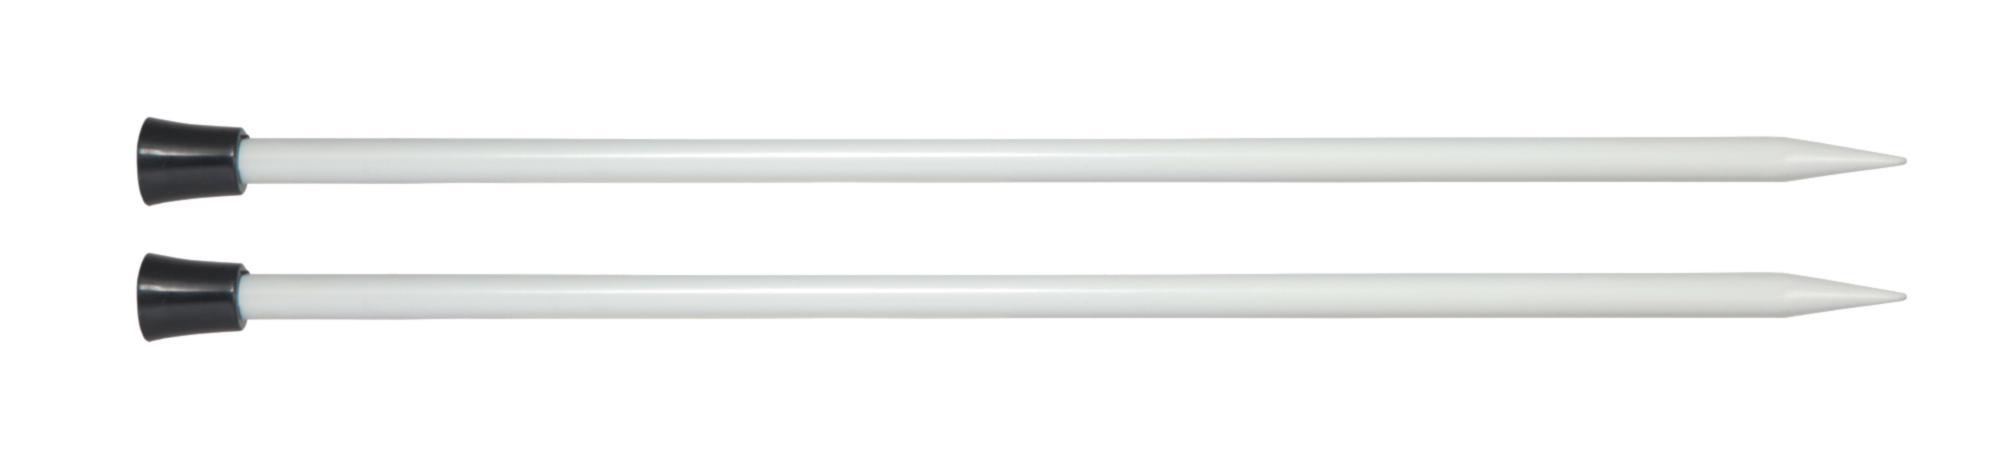 Спицы прямые 40 см Basix Aluminium KnitPro, 45281, 2.00 мм